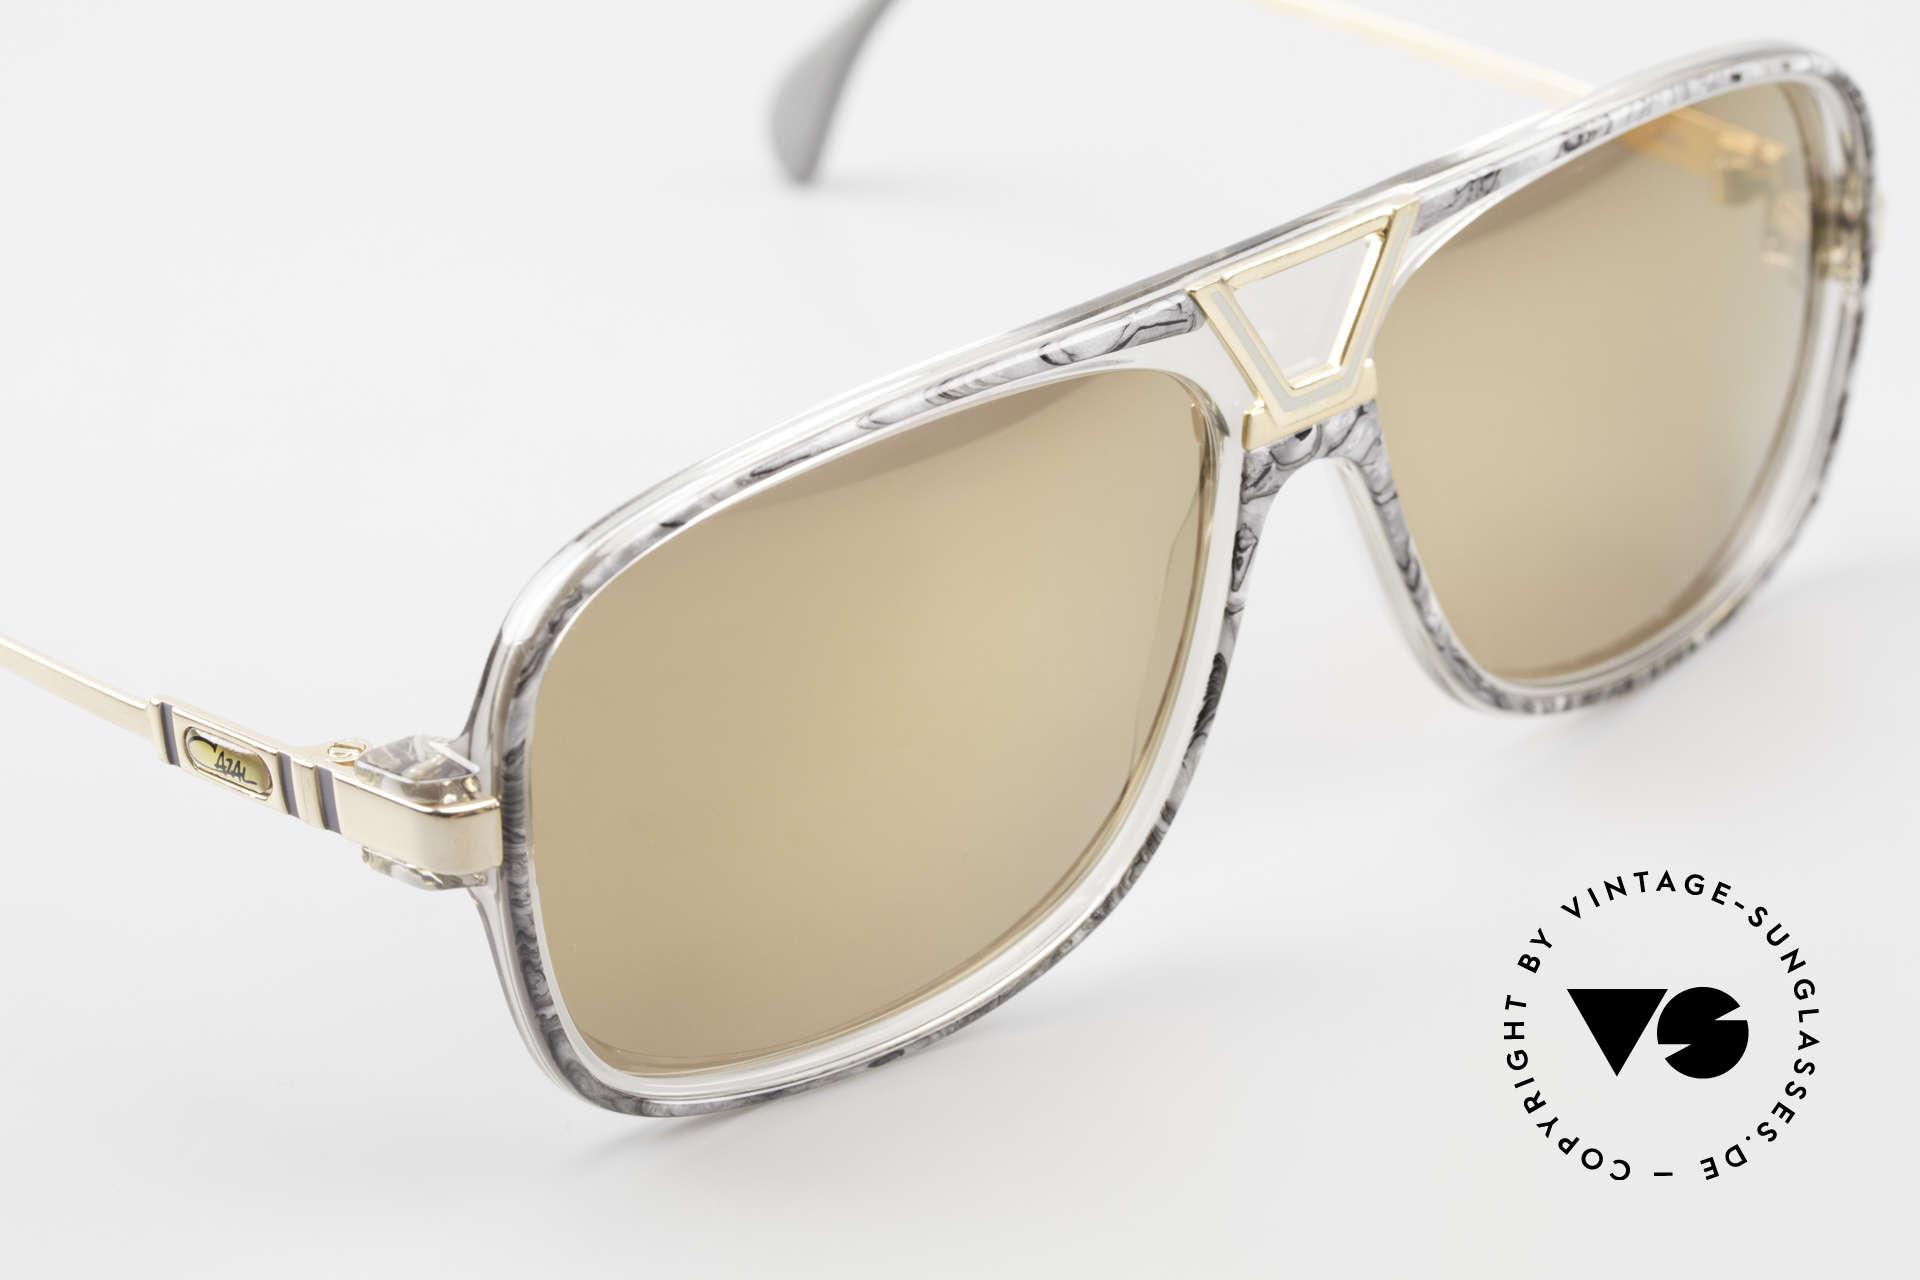 Cazal 635 Gold Verspiegelte Gläser 80er, KEINE Retrobrille, sondern ein seltenes Original, Passend für Herren